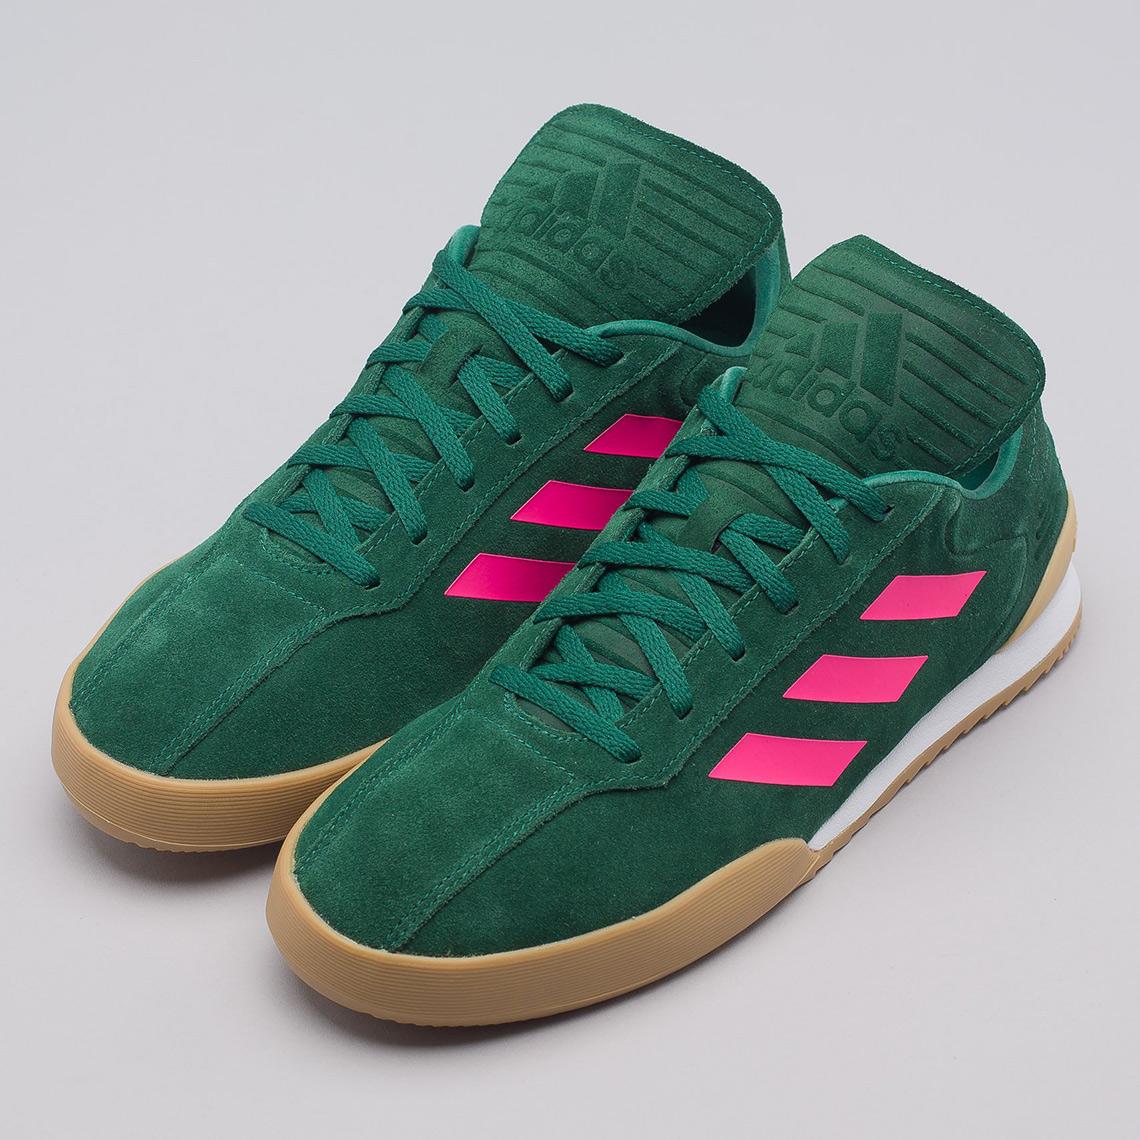 Gosha Rubchinskiy adidas Copa Trainer Burgundy Green  491611c28f2